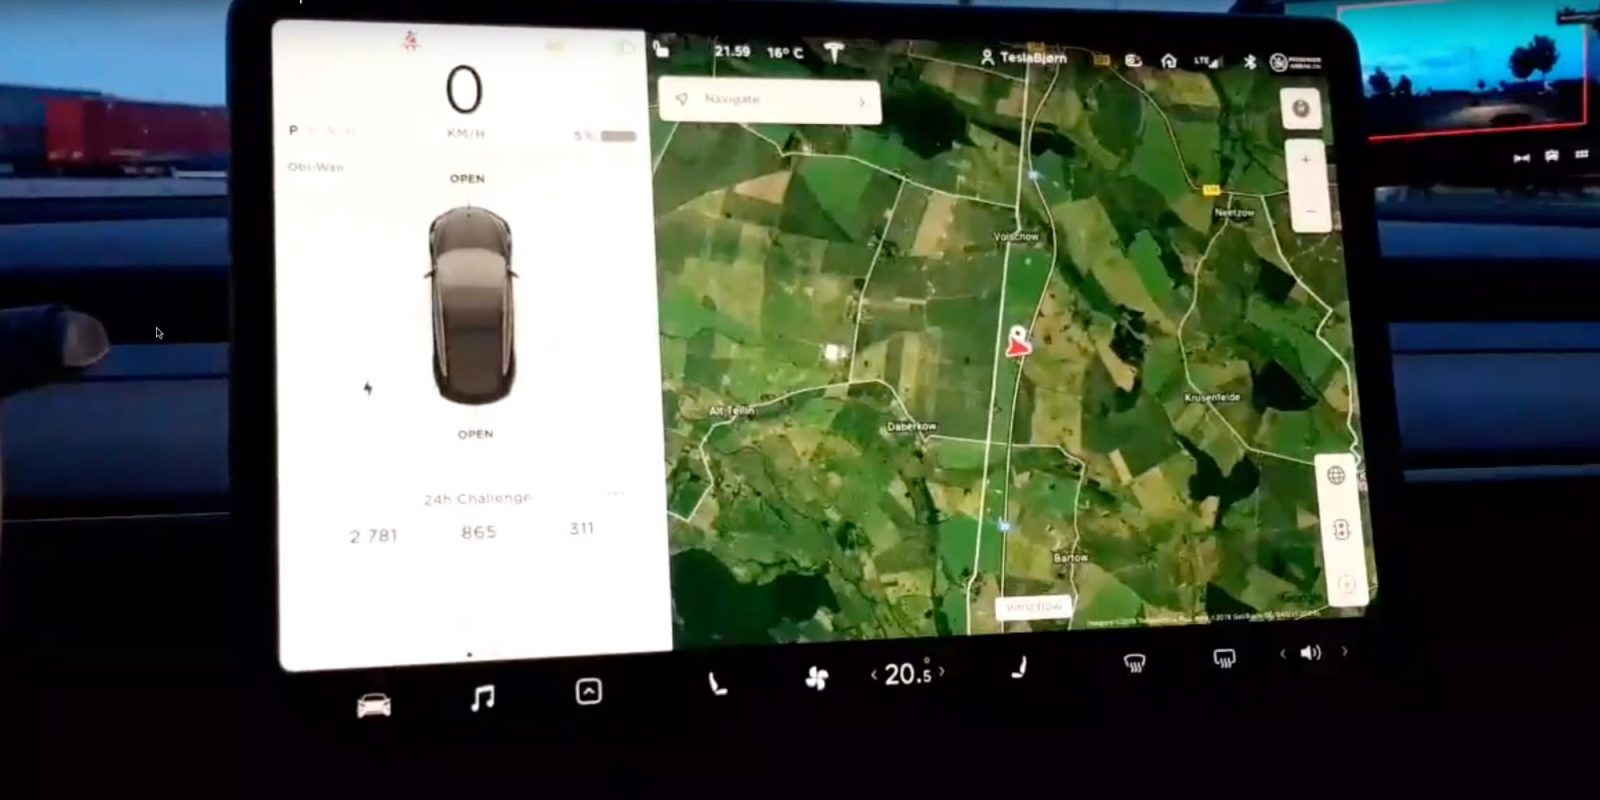 Tesla YouTuber Bjørn Nyland breaks 24-hour electric car distance record — 2,781km